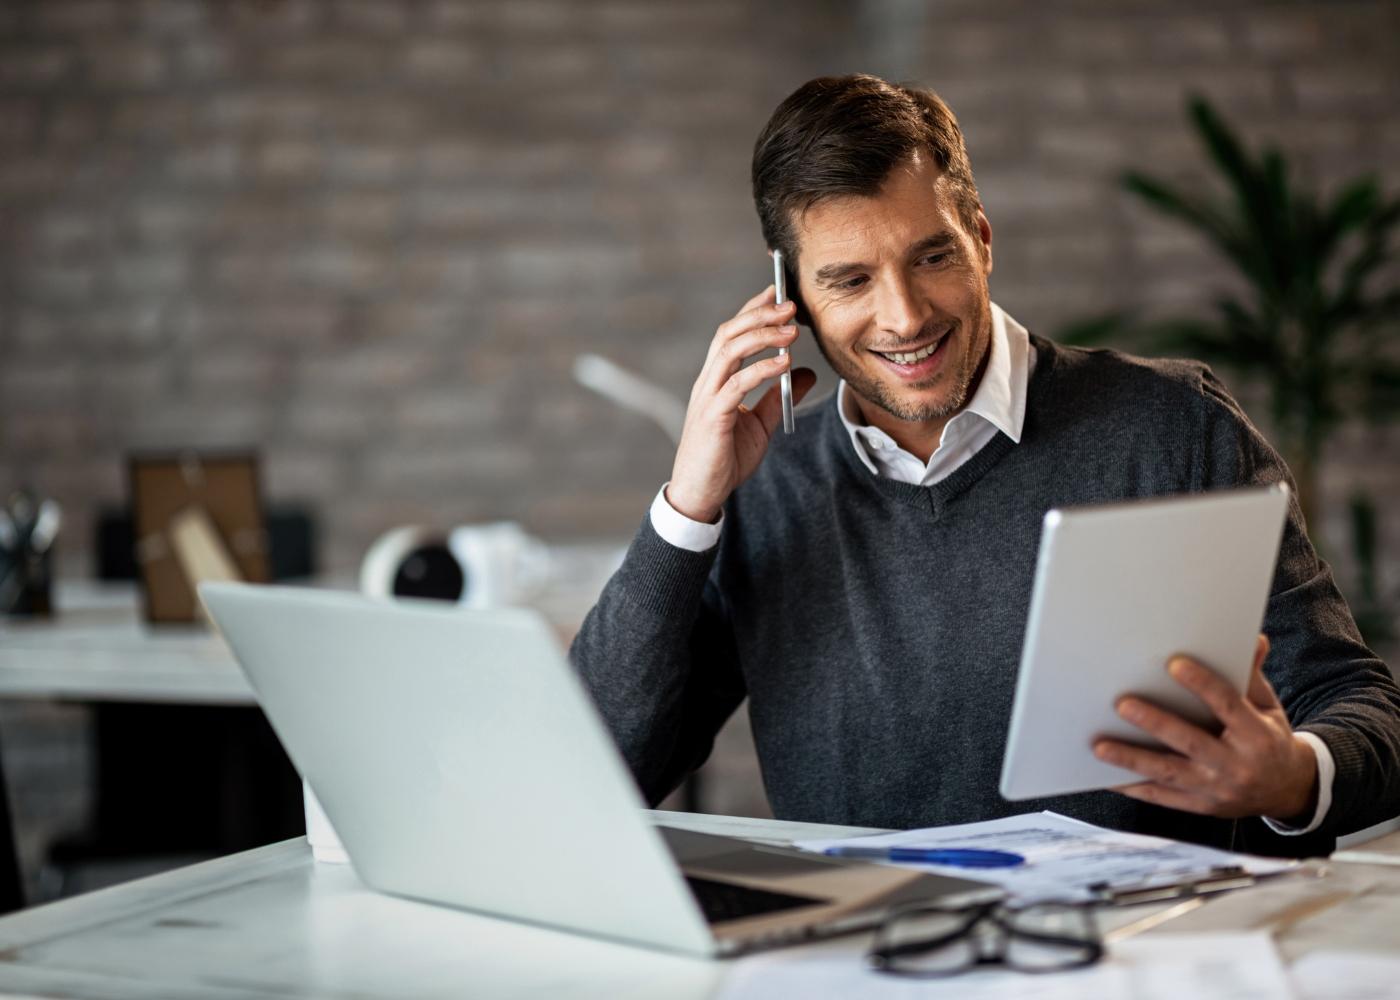 trabalhador independente ao telefone e computador